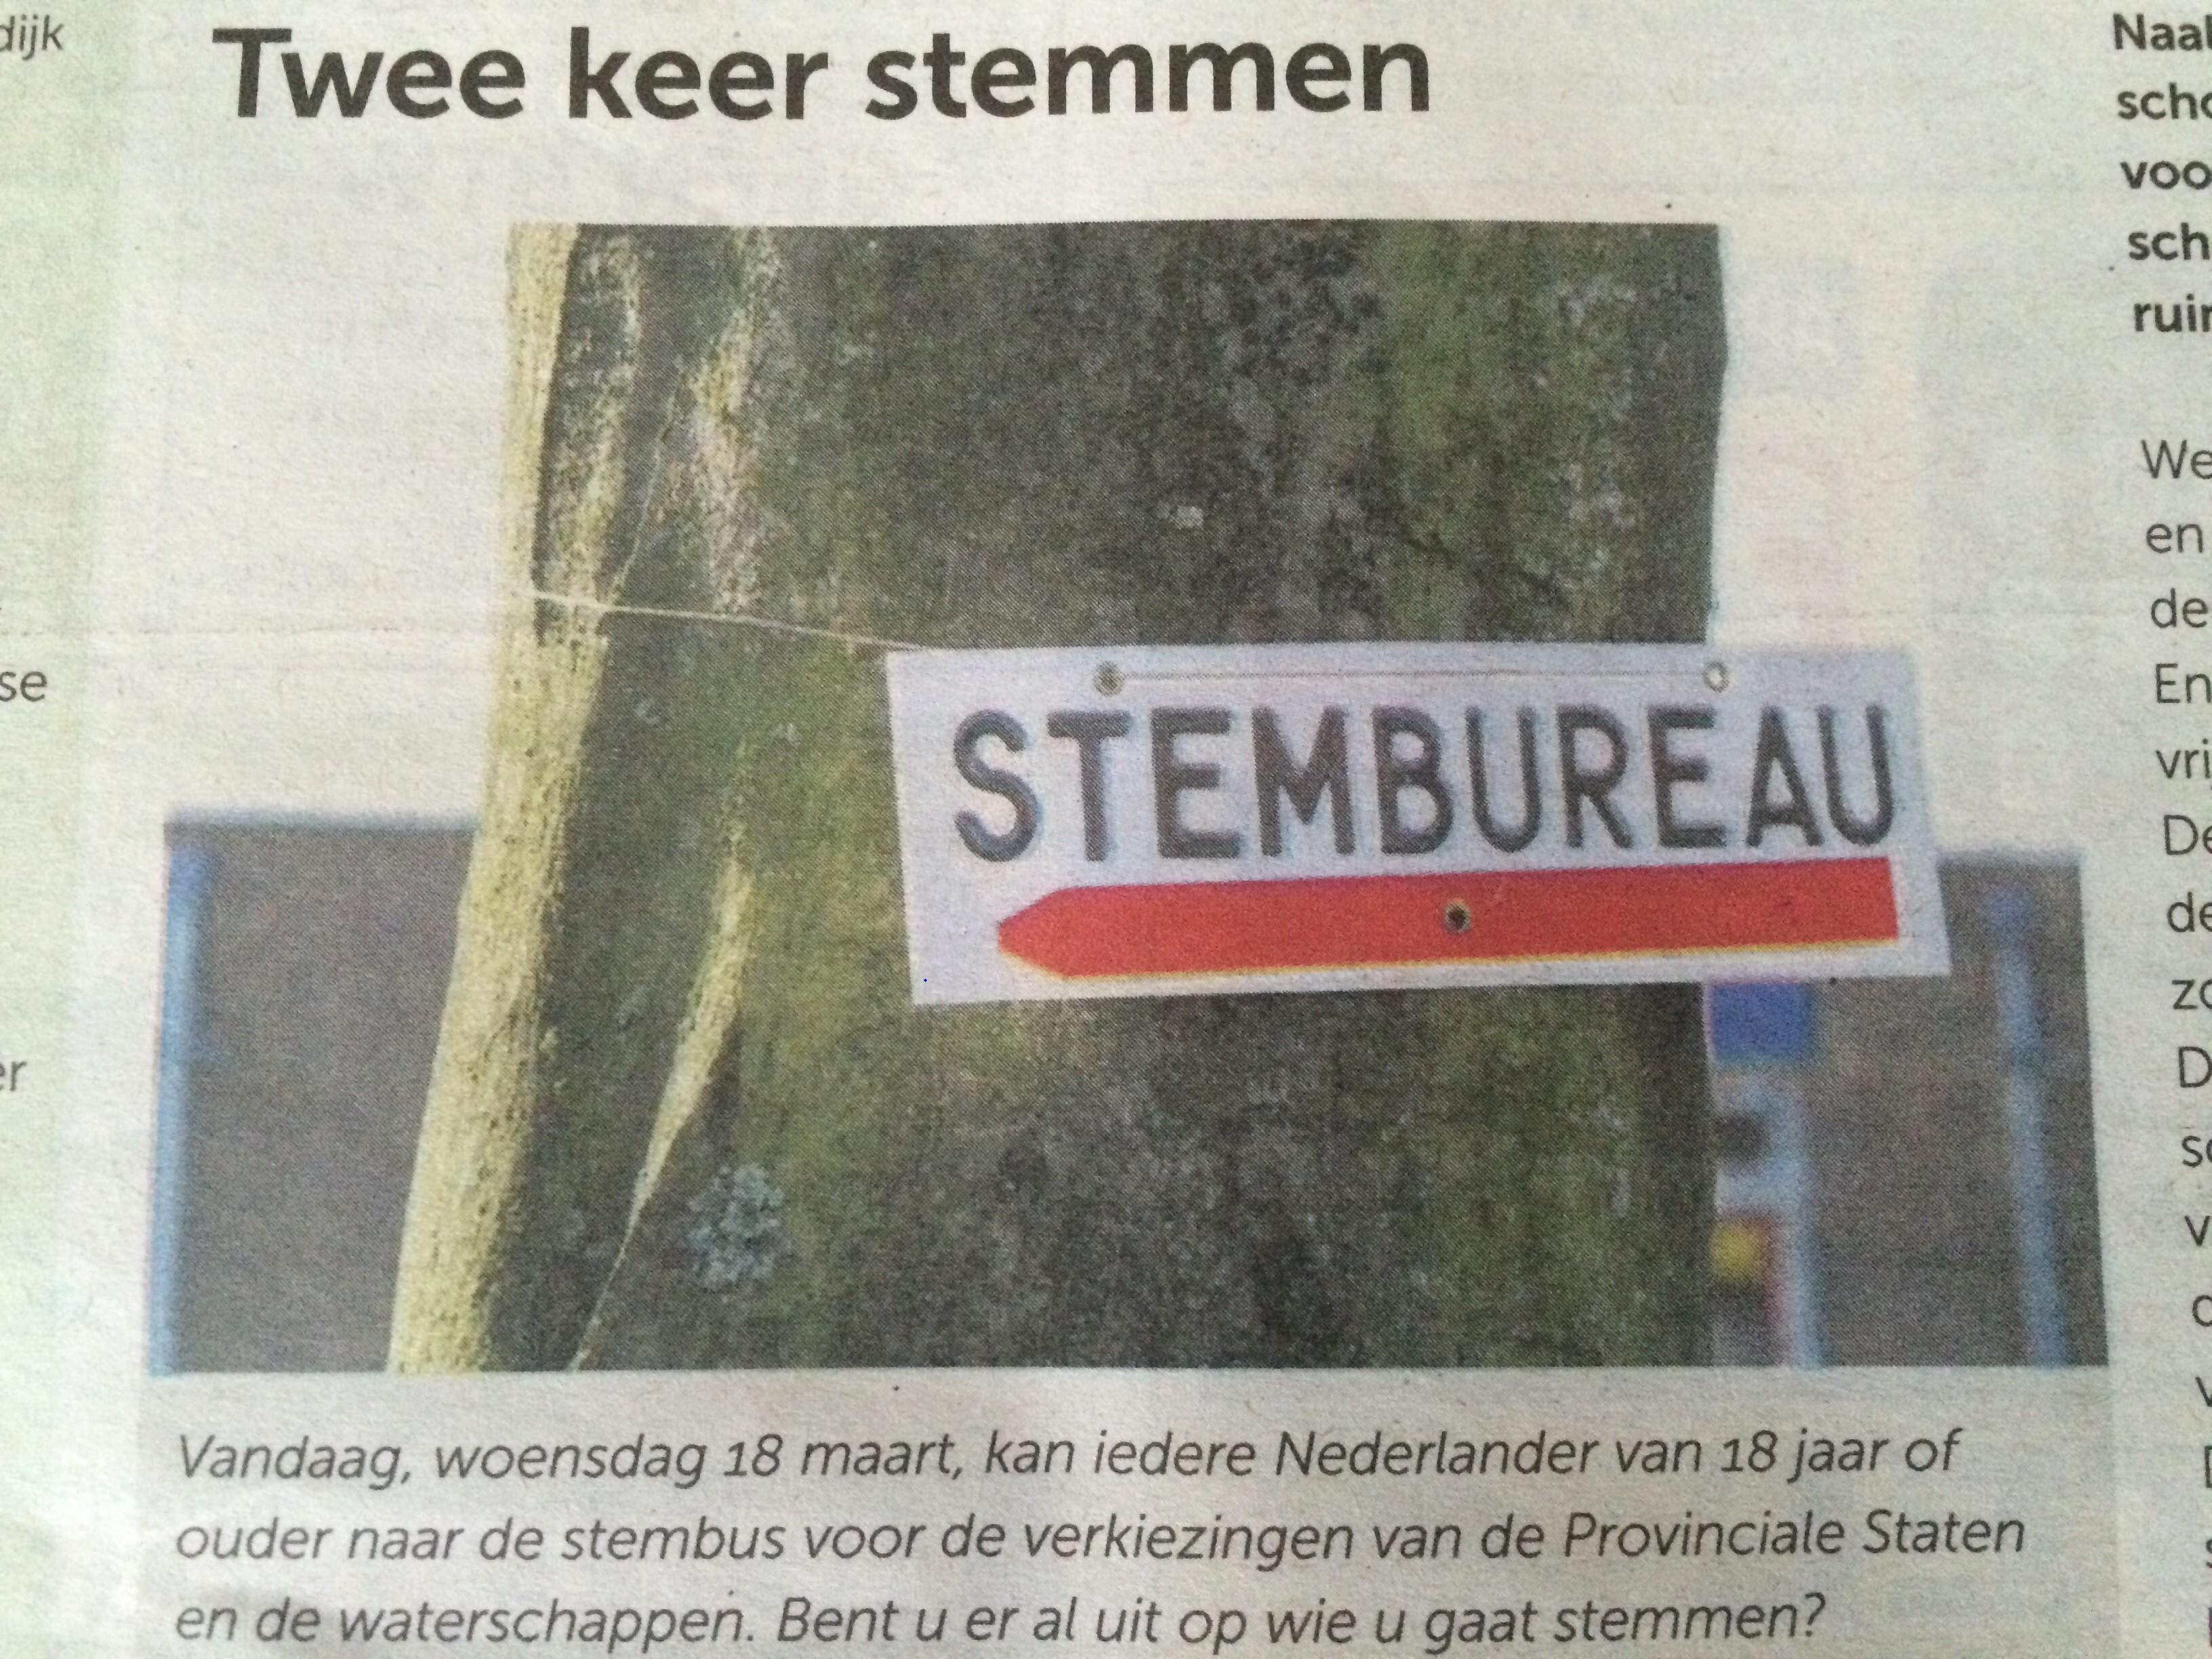 Www.kieskompas.nl en STEM voor 21.00 uur op het stembureau